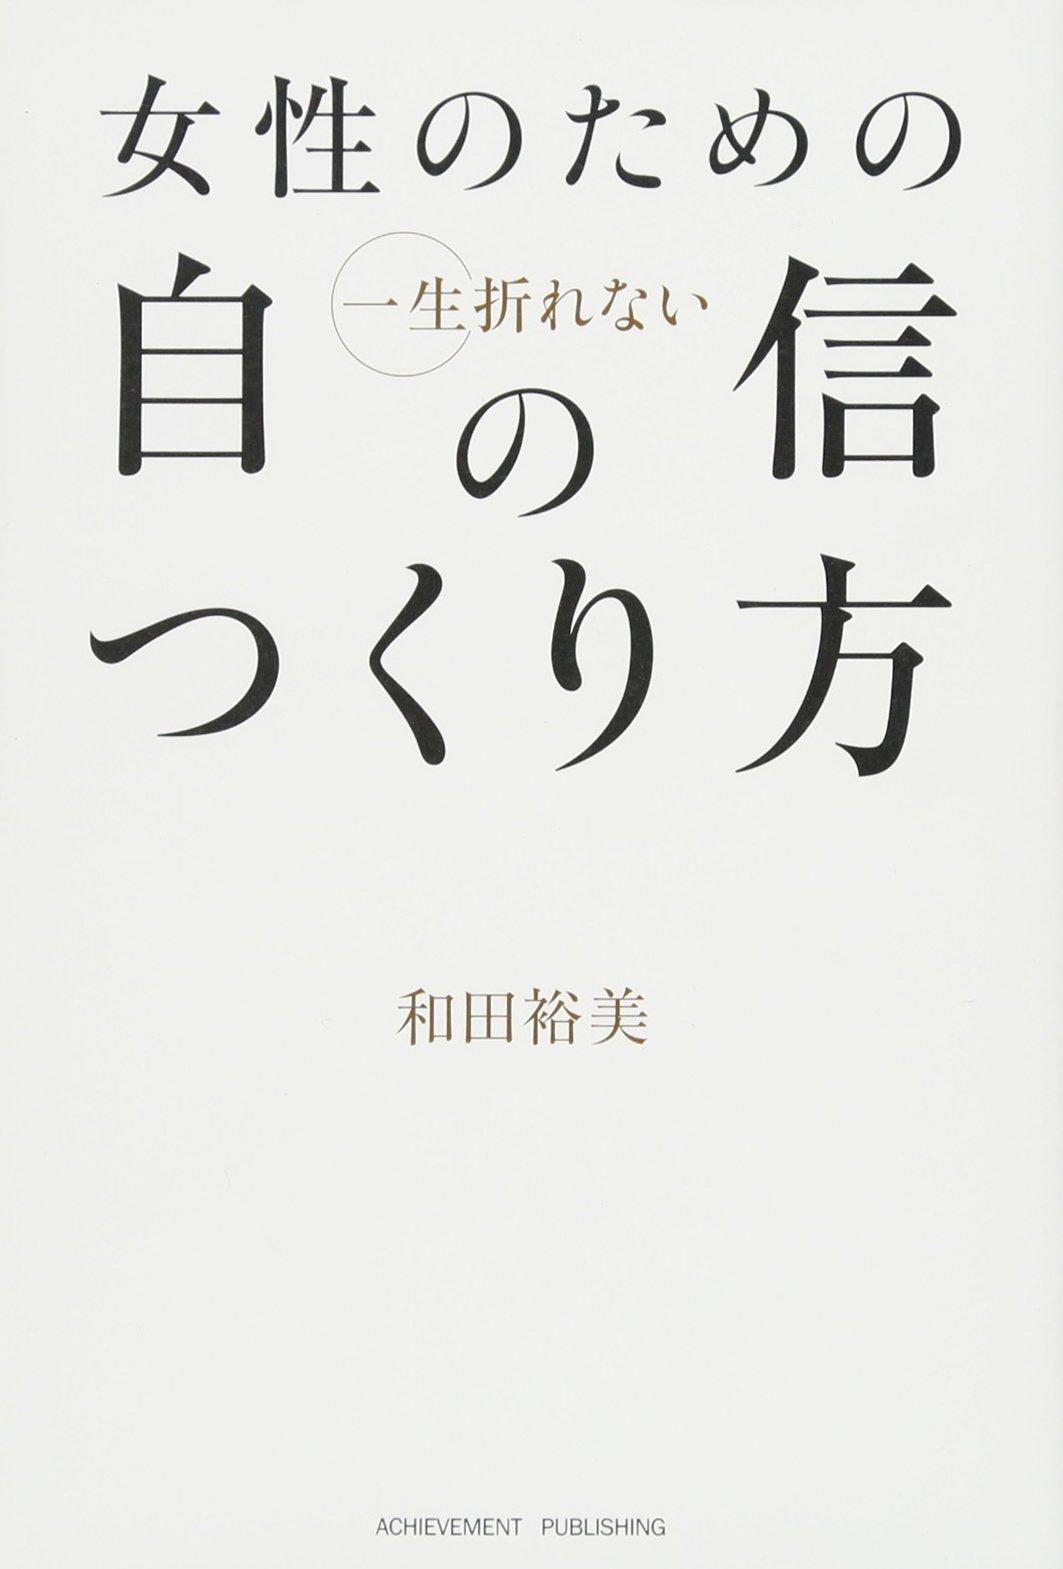 Download Josei no tame no issho orenai jishin no tsukurikata. PDF